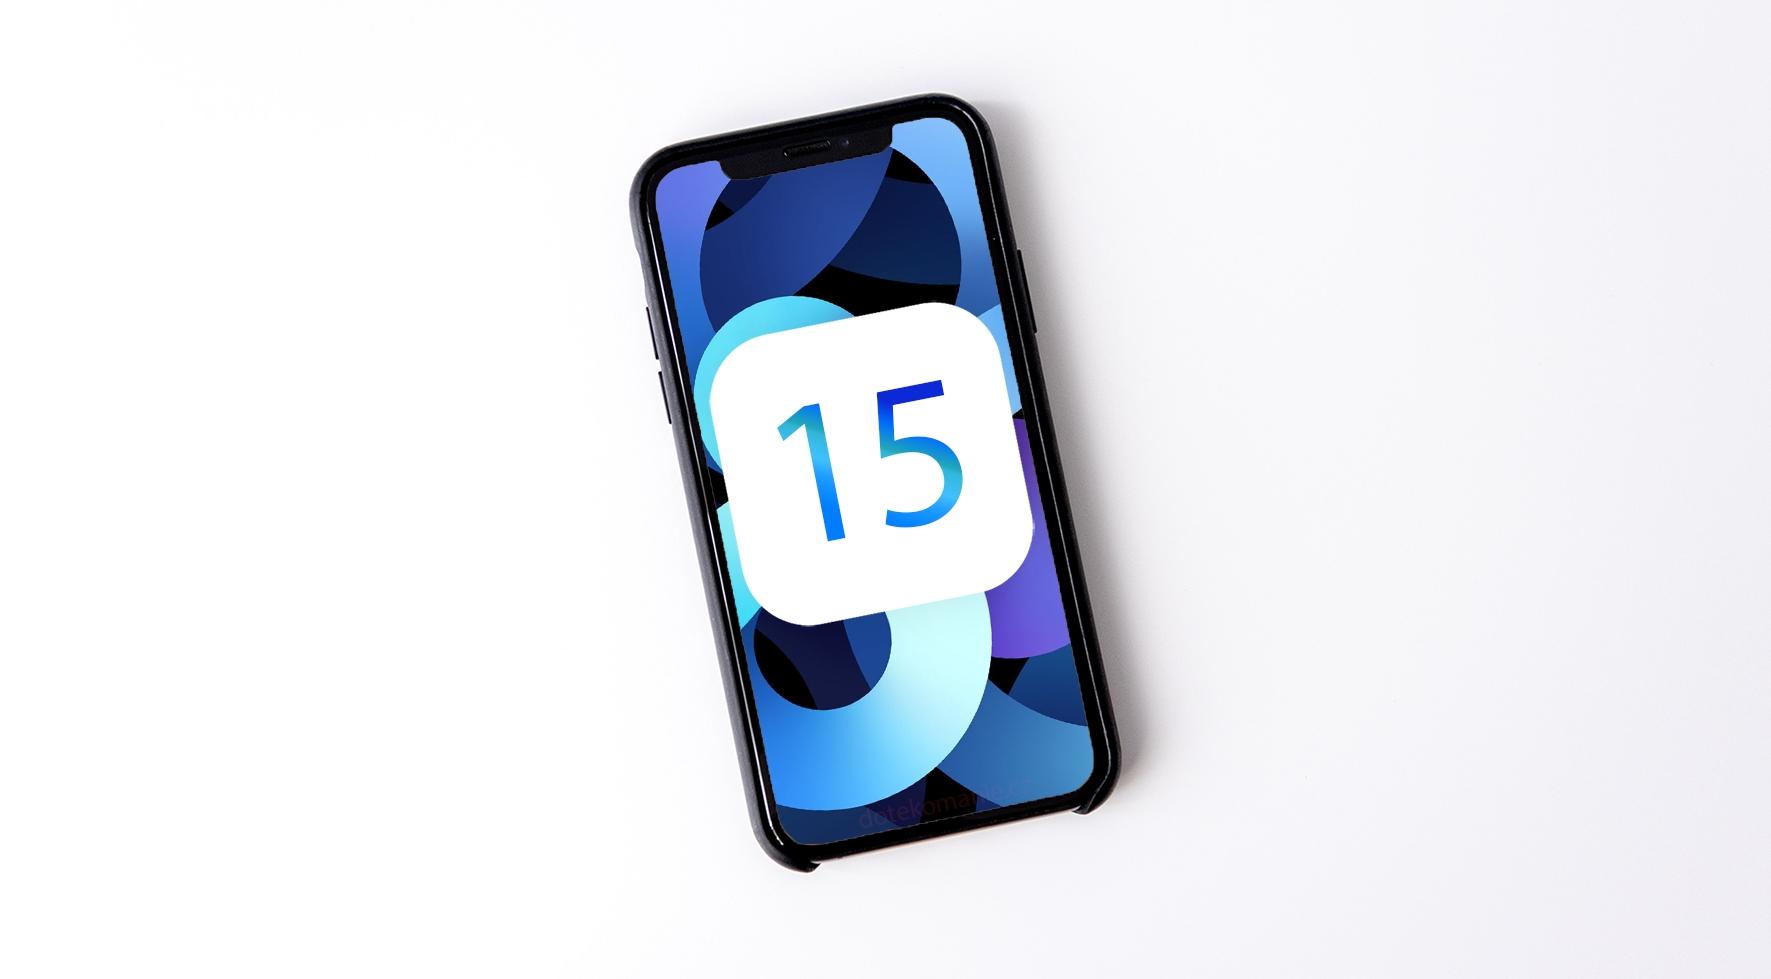 Apple představil iOS 15 a iPadOS 15 – v hlavní roli iMessage, nový multitasking a vylepšení notifikací